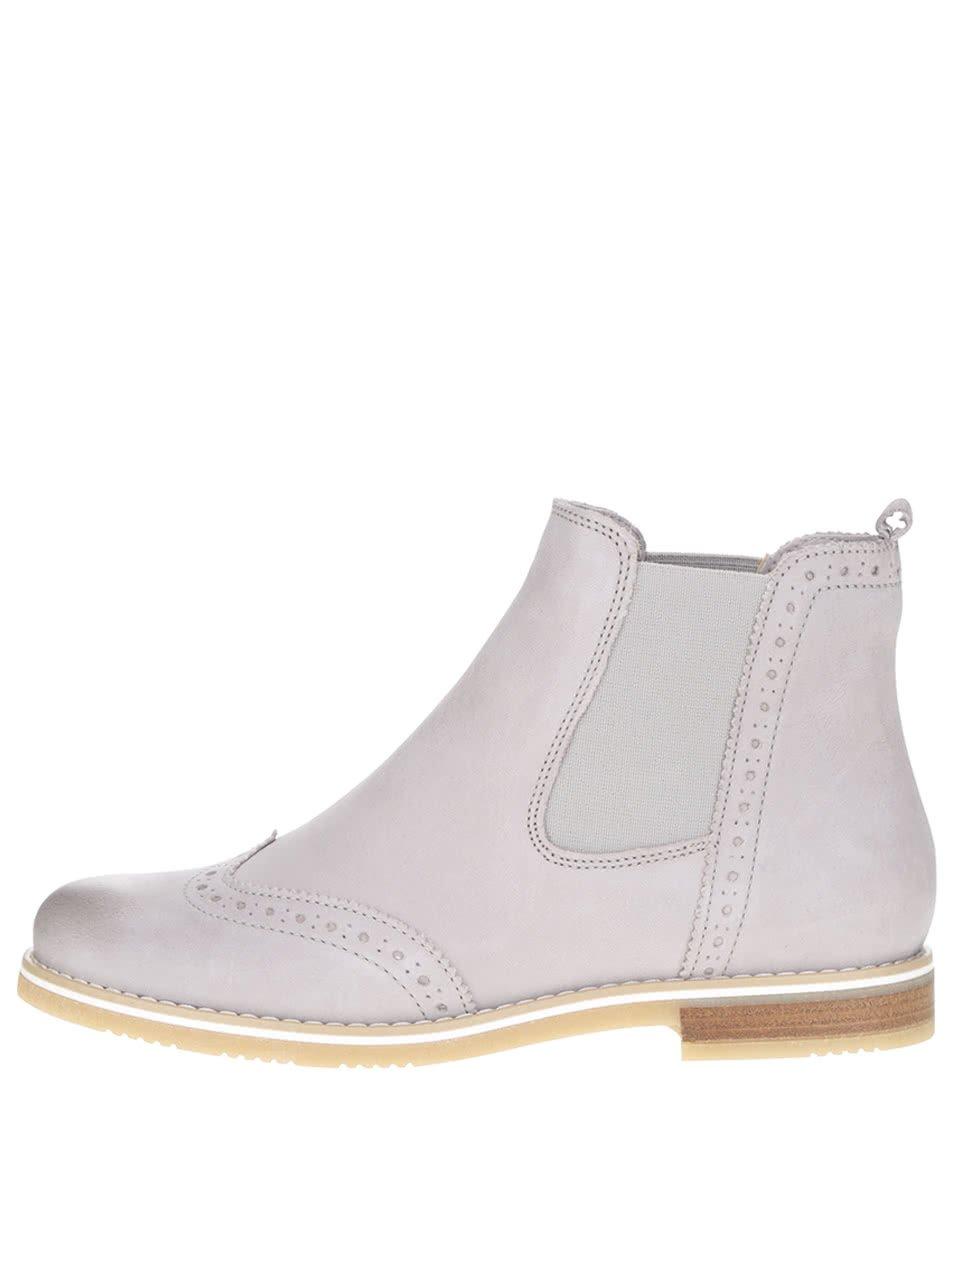 Světle šedé kožené chelsea boty s brogue detaily Tamaris